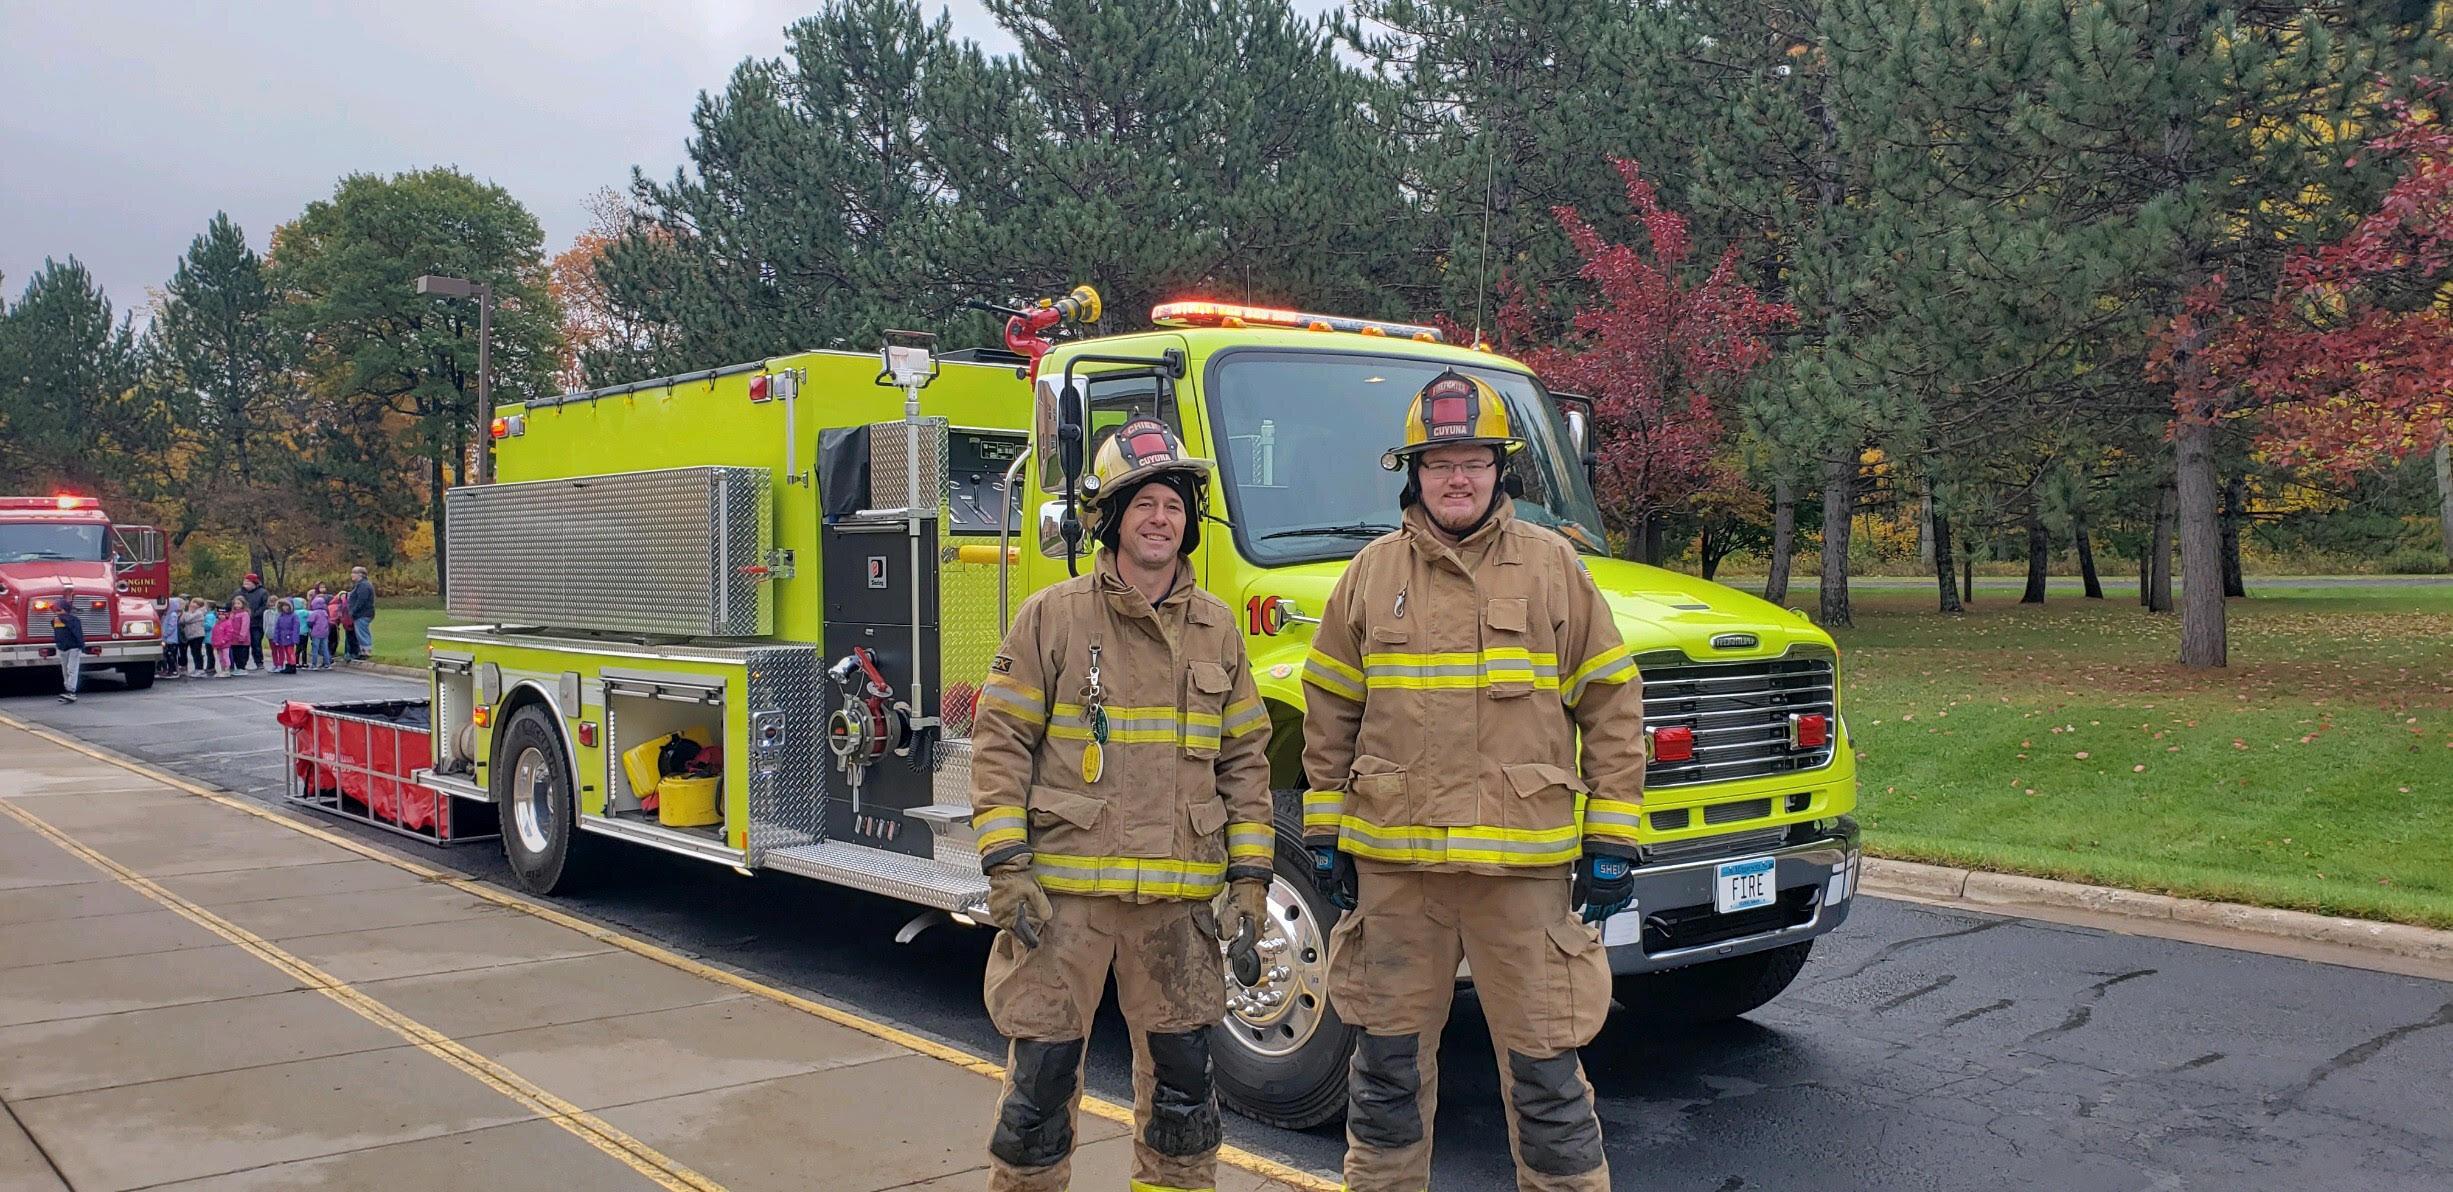 firePrevention2019_firefighters.jpg